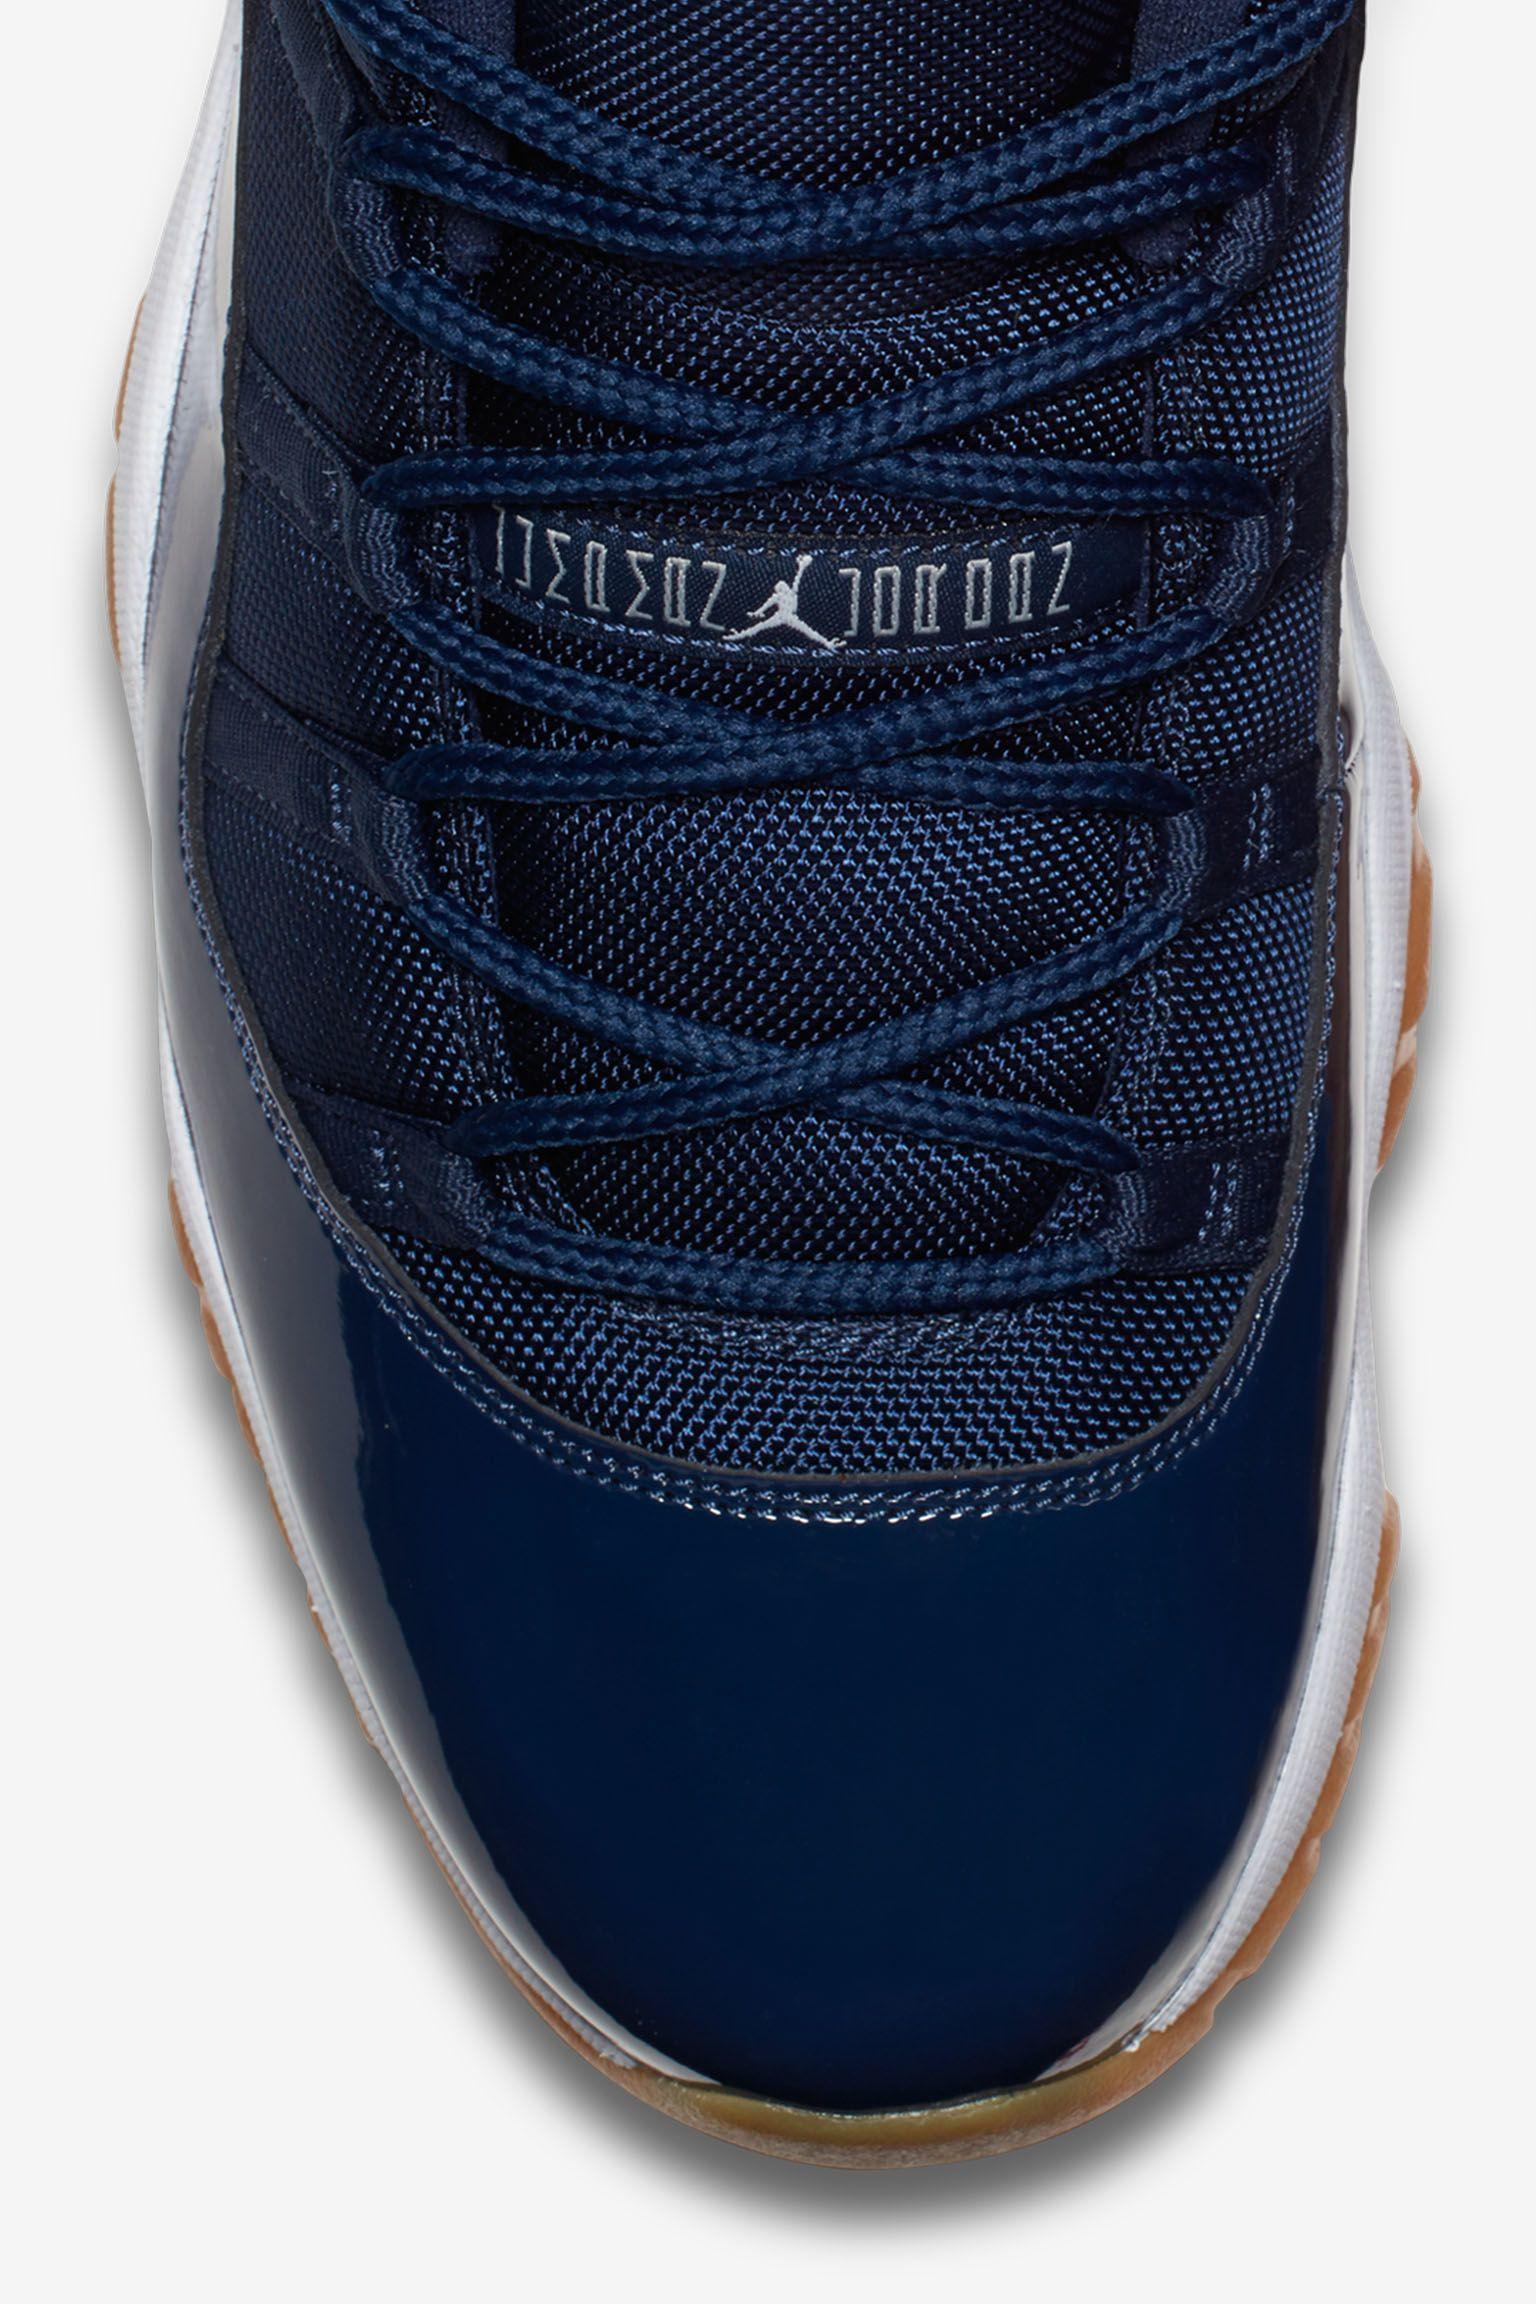 Air Jordan 11 Retro Low 'Navy Gum' Release Date